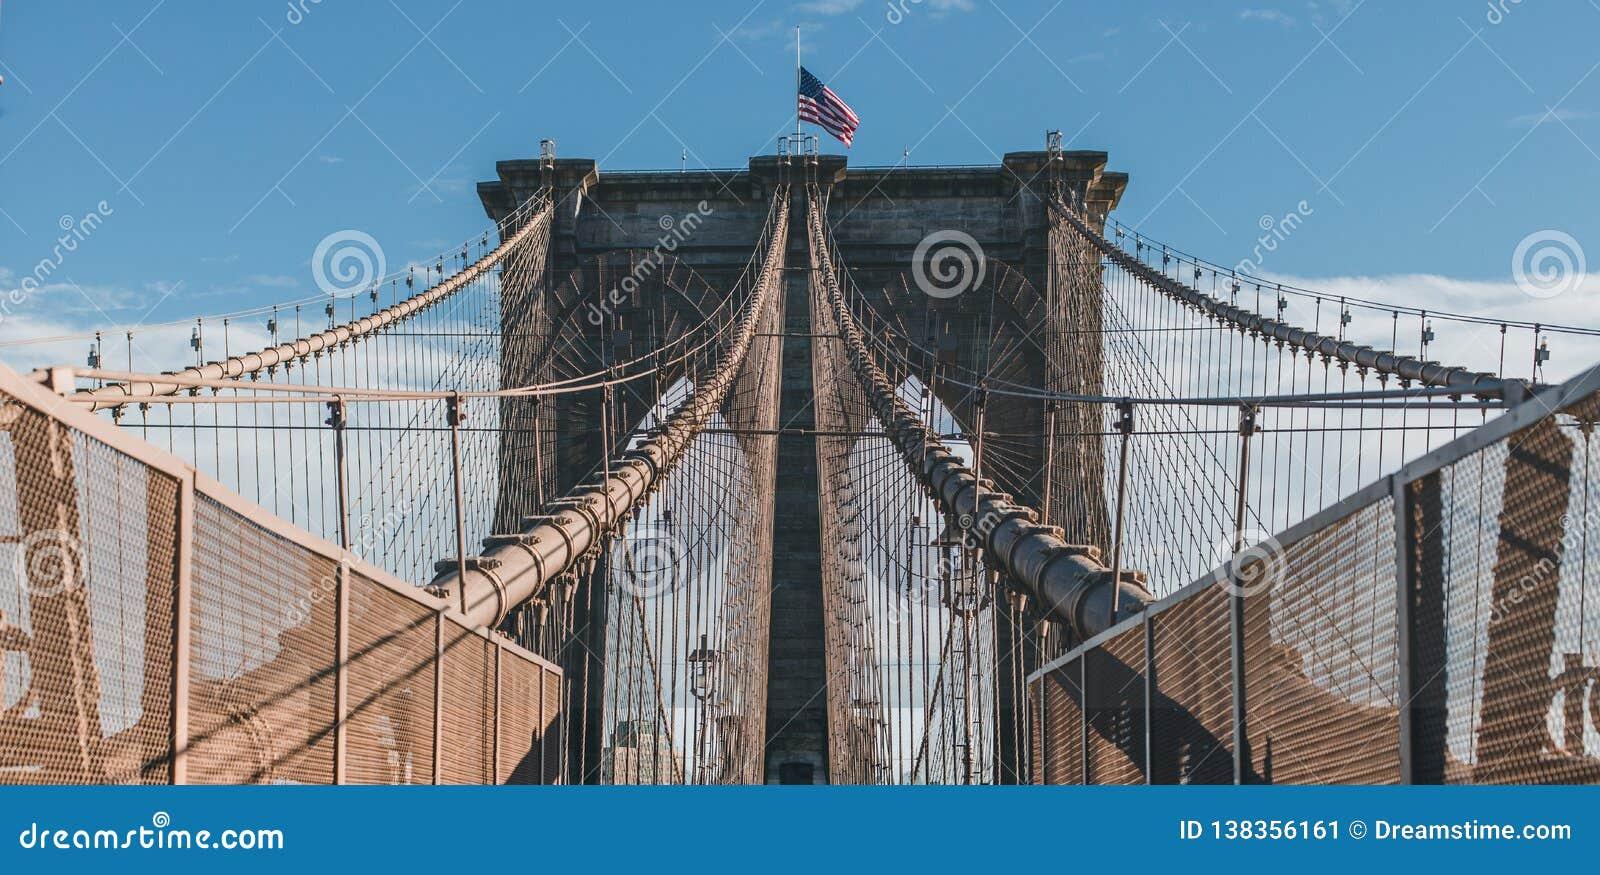 Συμμετρία στη γέφυρα του Μπρούκλιν, Νέα Υόρκη